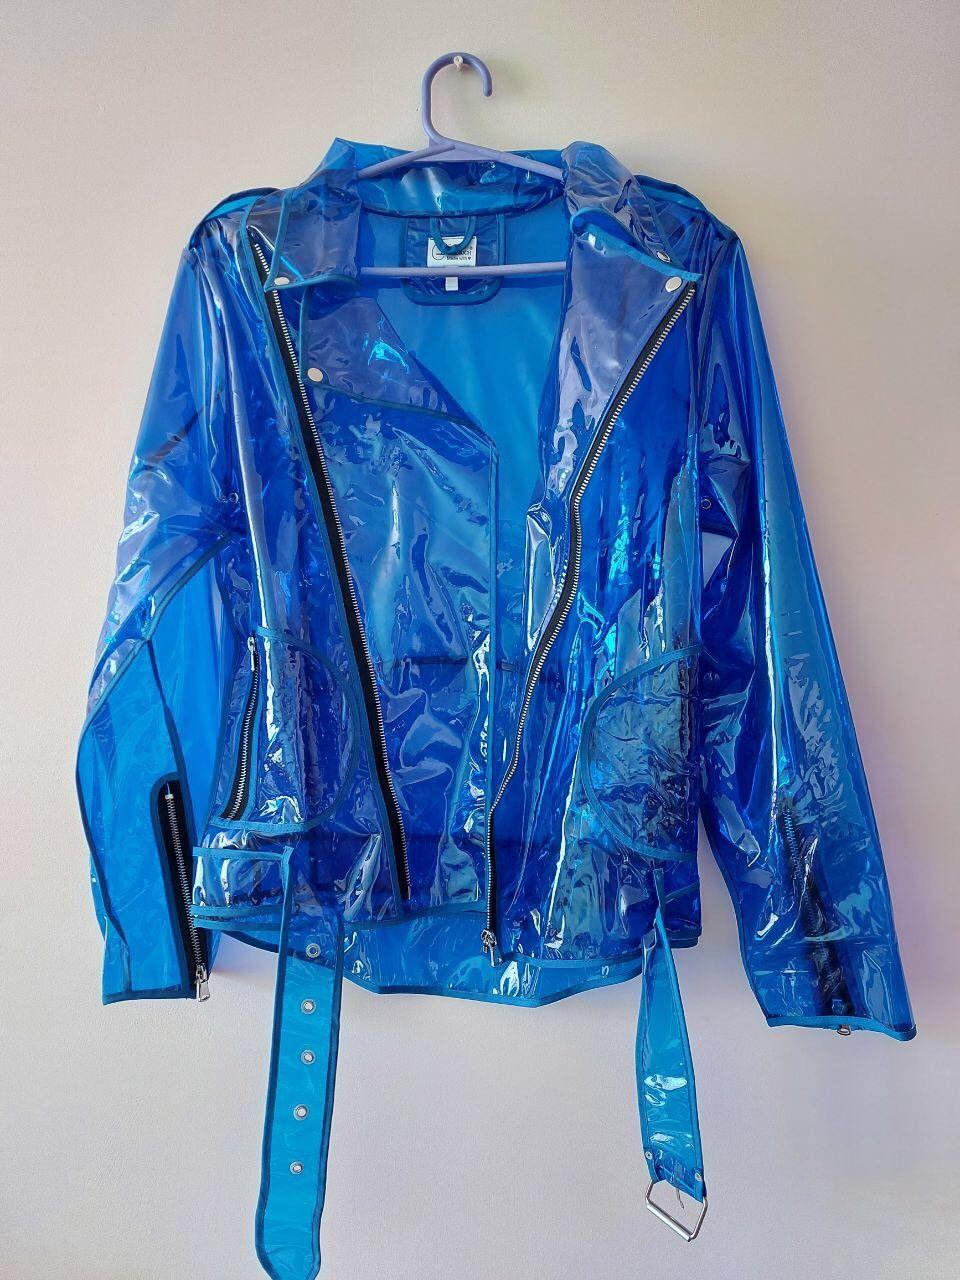 Bulk Order Colored Vinyl Overalls Trench Coat Biker Jacket Etsy In 2020 Red Leather Jacket Biker Jacket Jackets